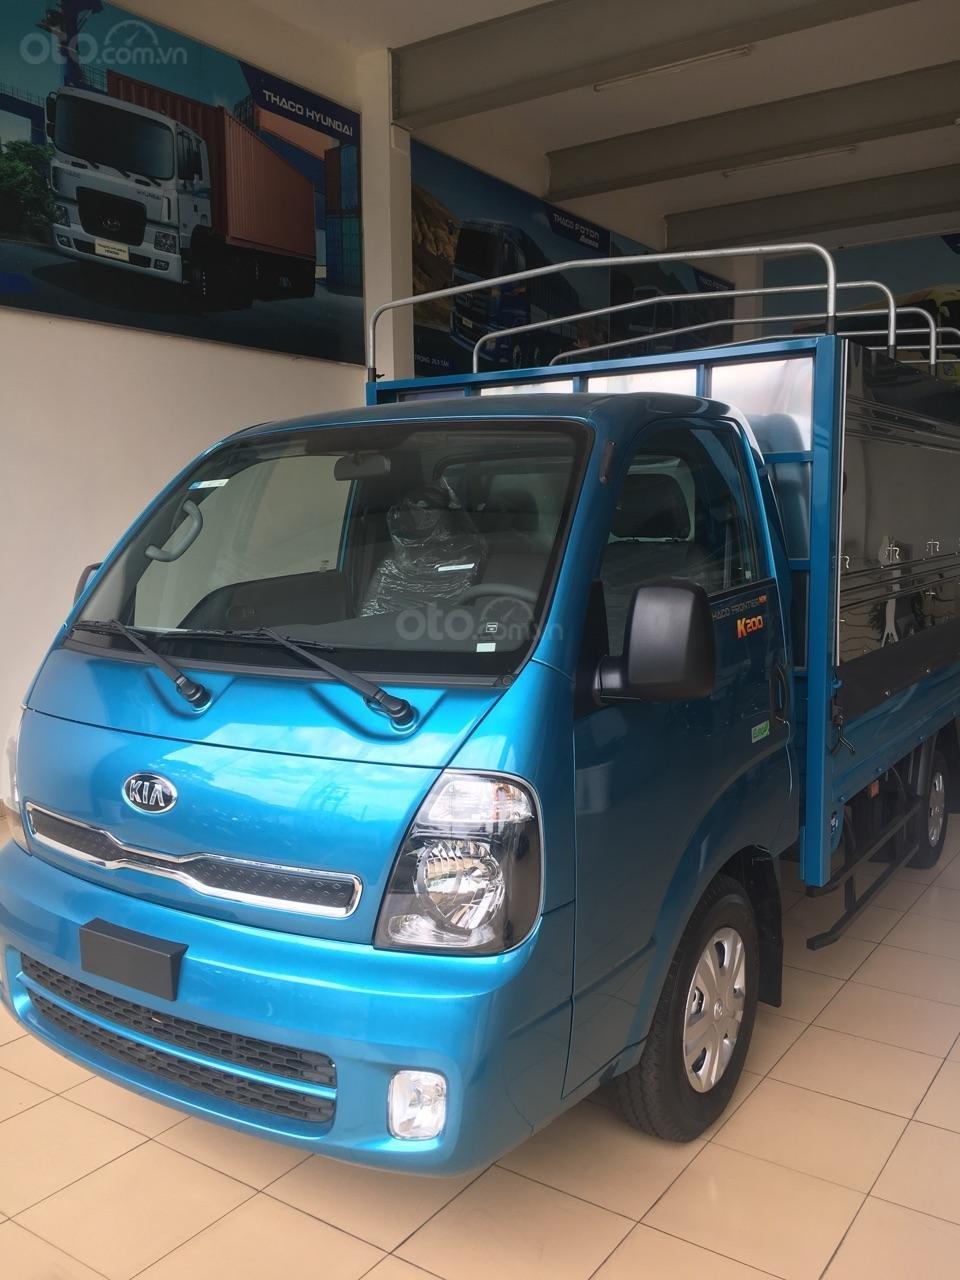 Bán xe tải Kia K250 thùng dài 3,5 mét tải hàng 2,49 tấn ''đời 2019'' tại Bình Dương. Hỗ trợ trả góp lãi suất thấp (2)